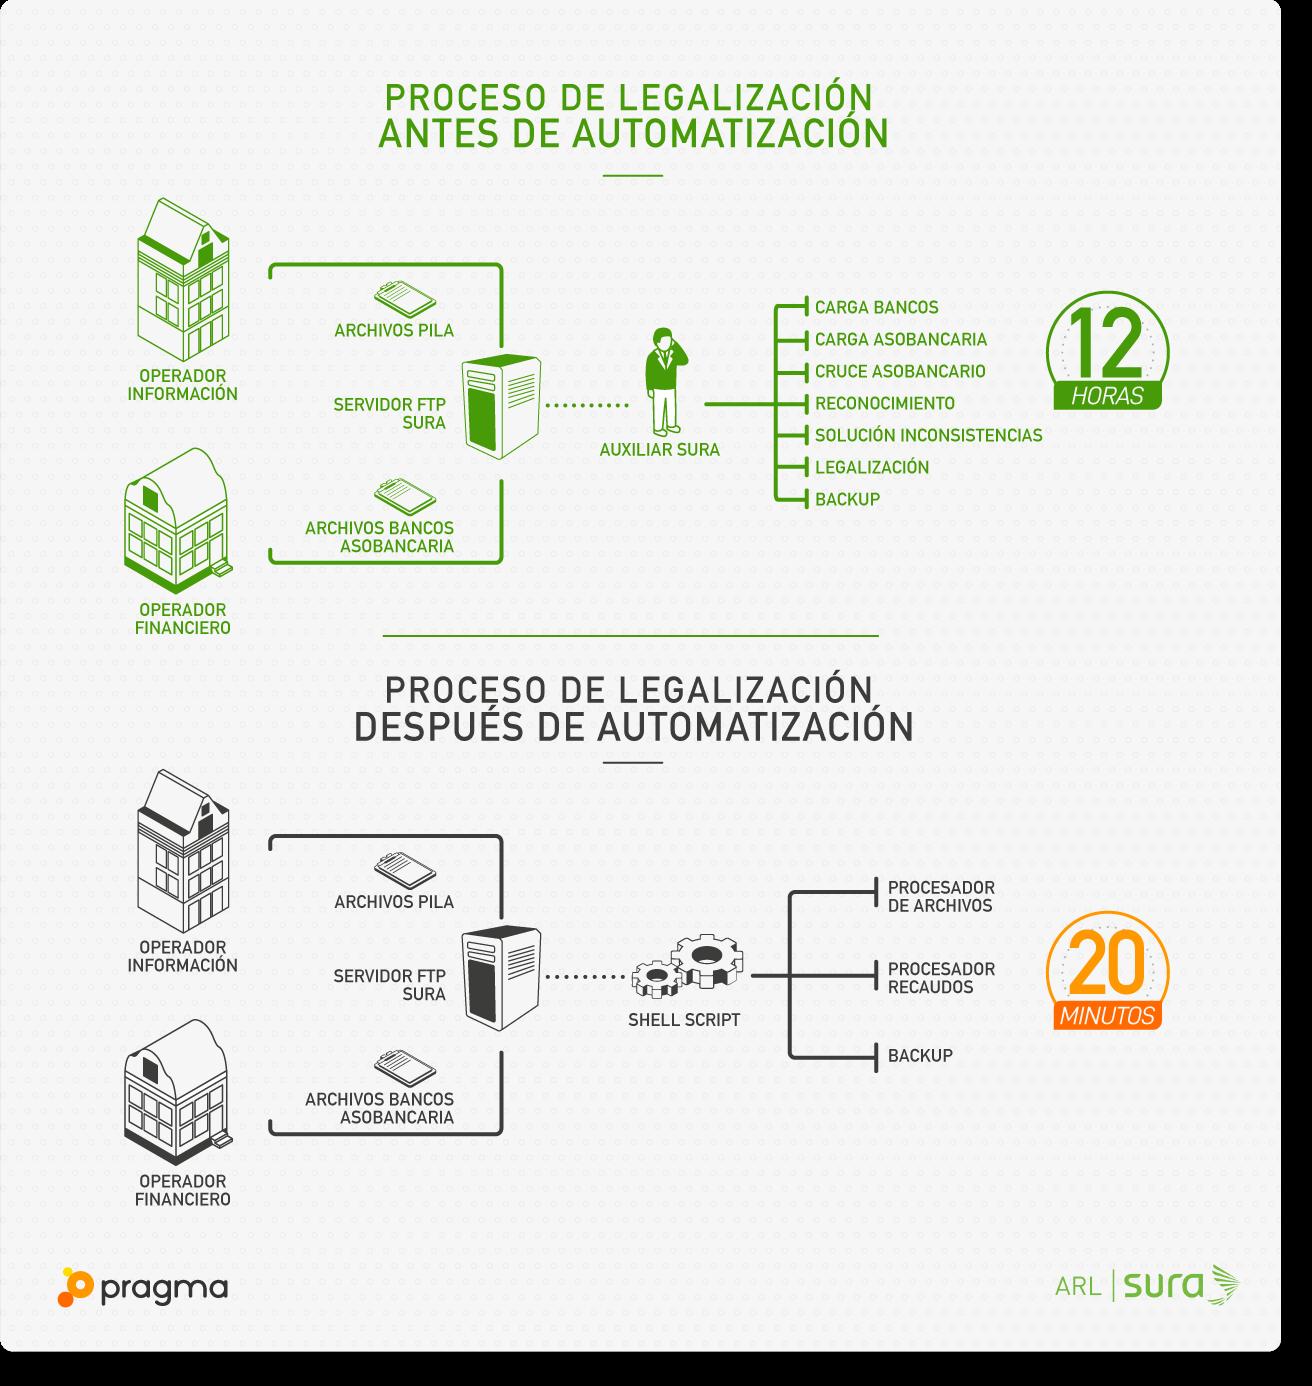 proceso_despues_automatizacion_v2